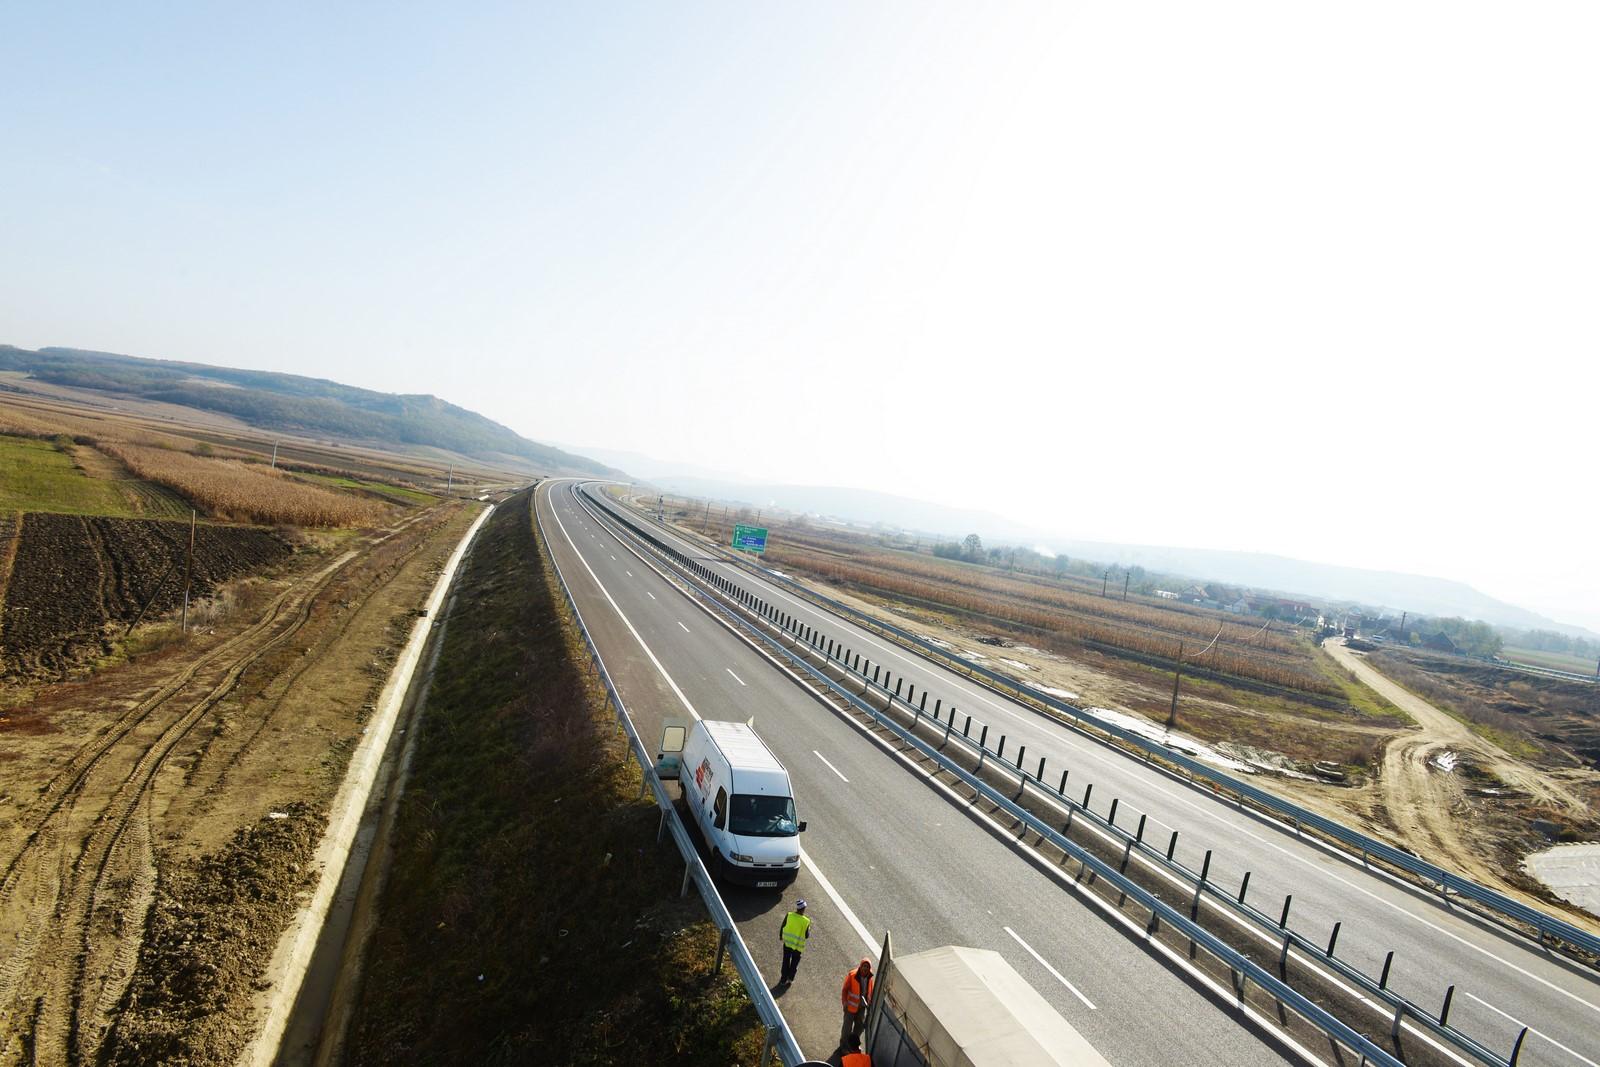 Restricţii de circulaţie pe A1 Sibiu - Deva până duminică pentru efectuarea de lucrări